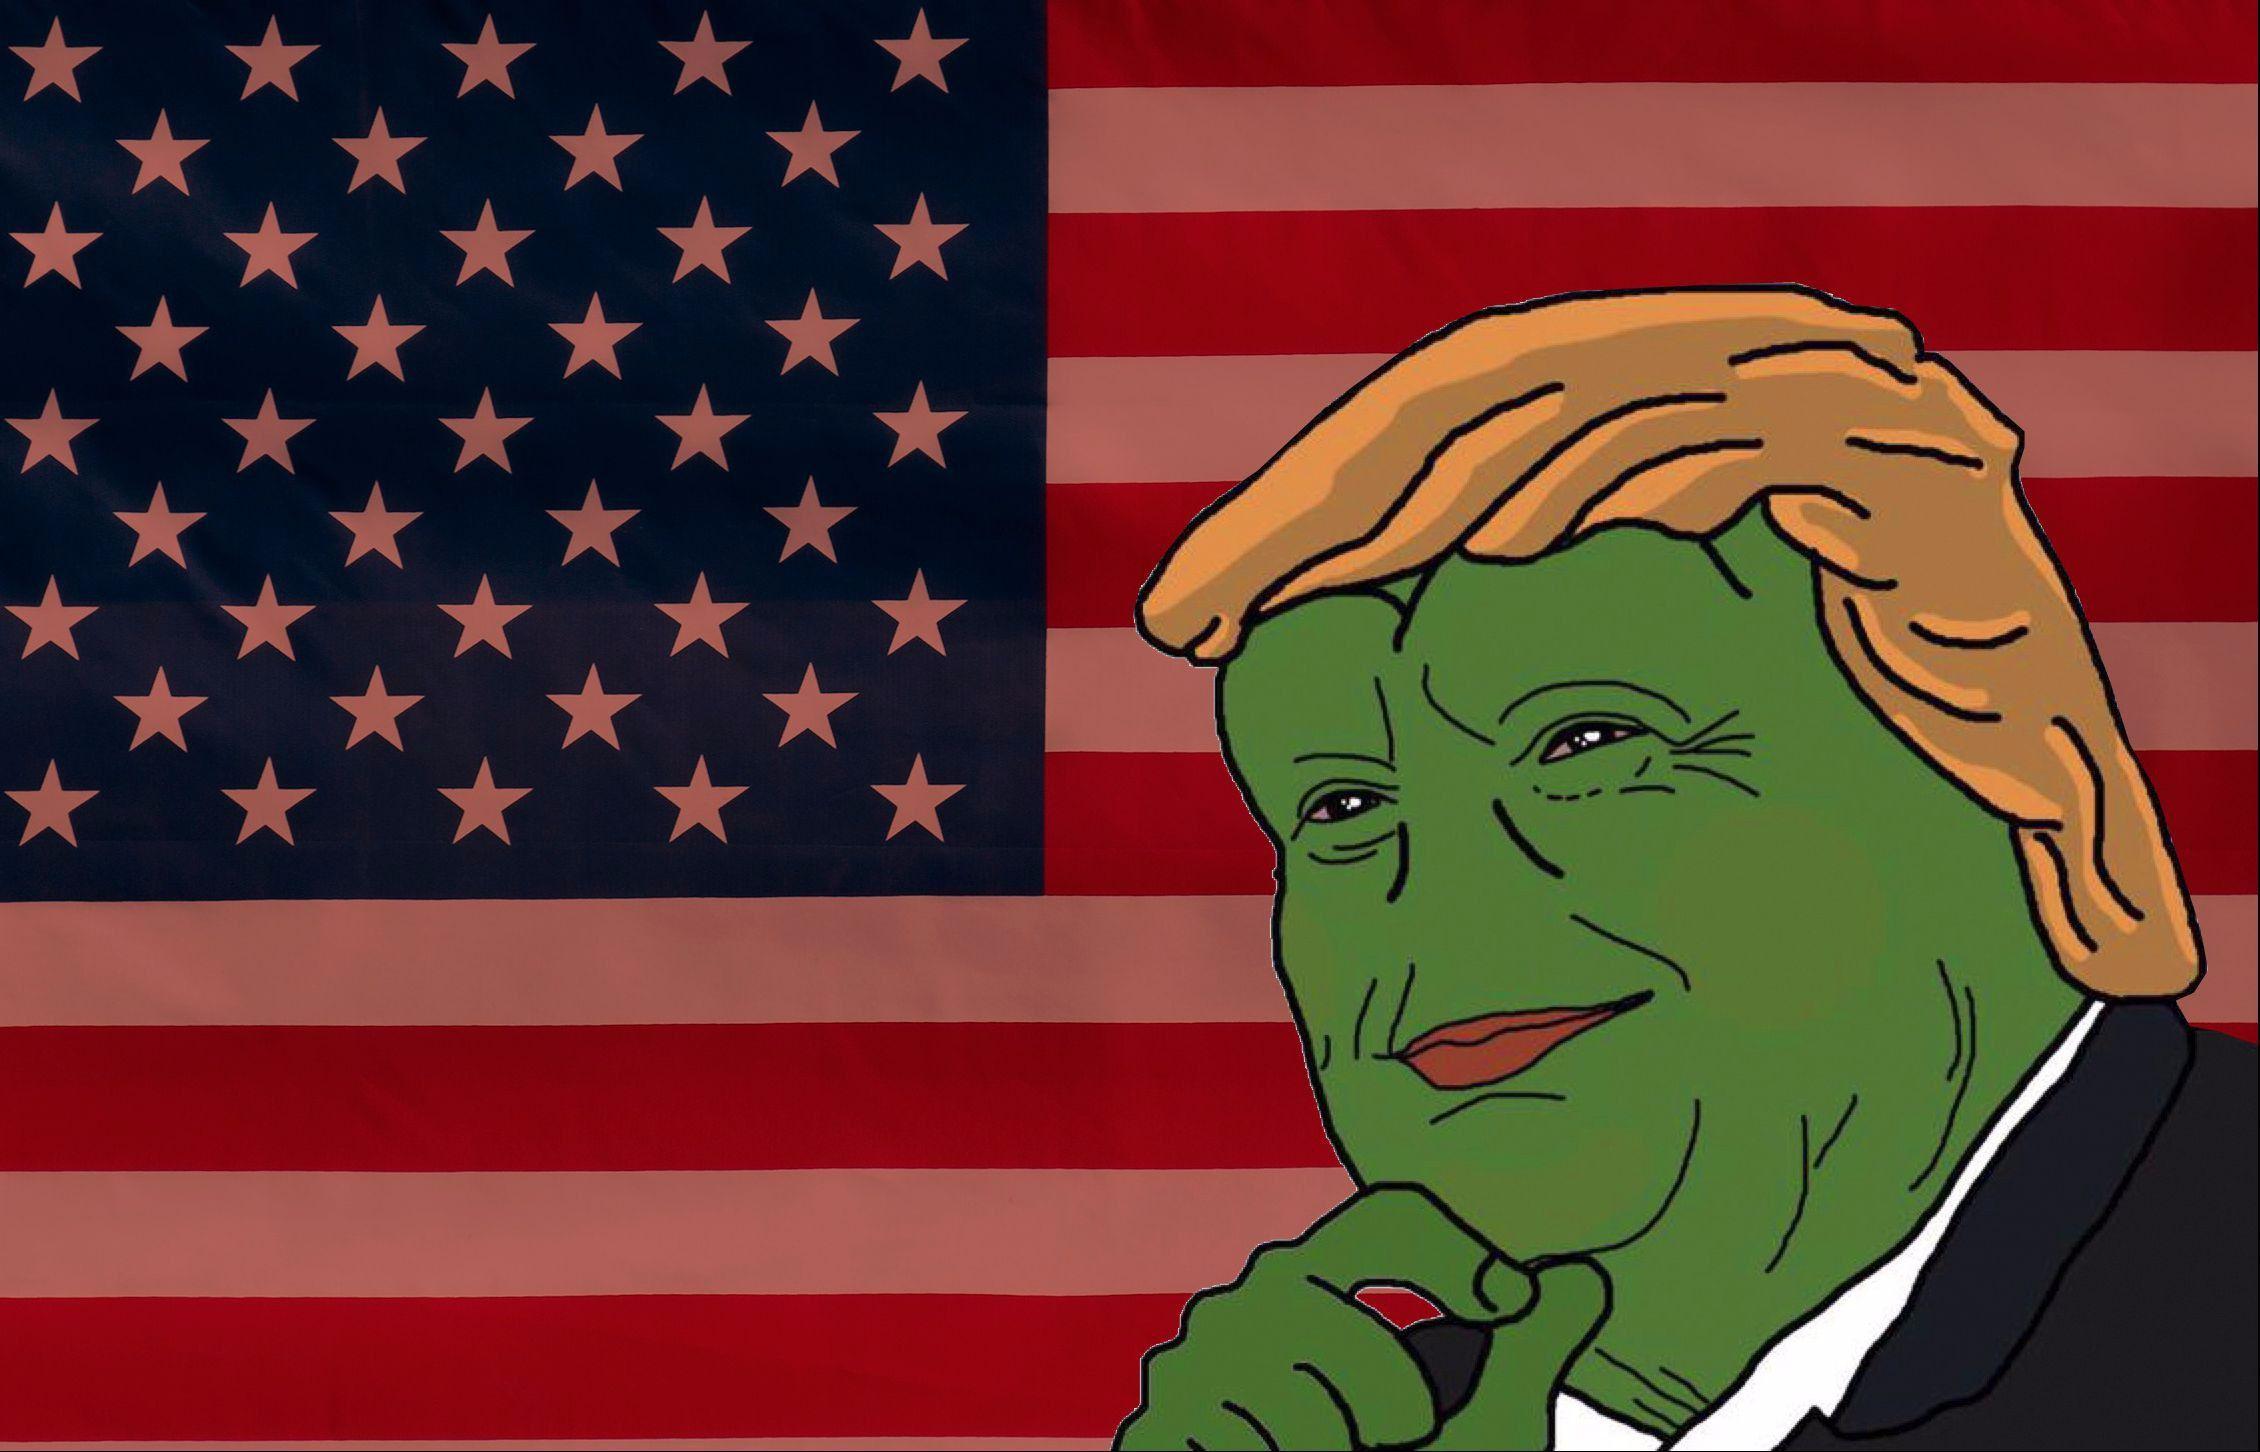 Resultado de imagen de pepe the frog controversy